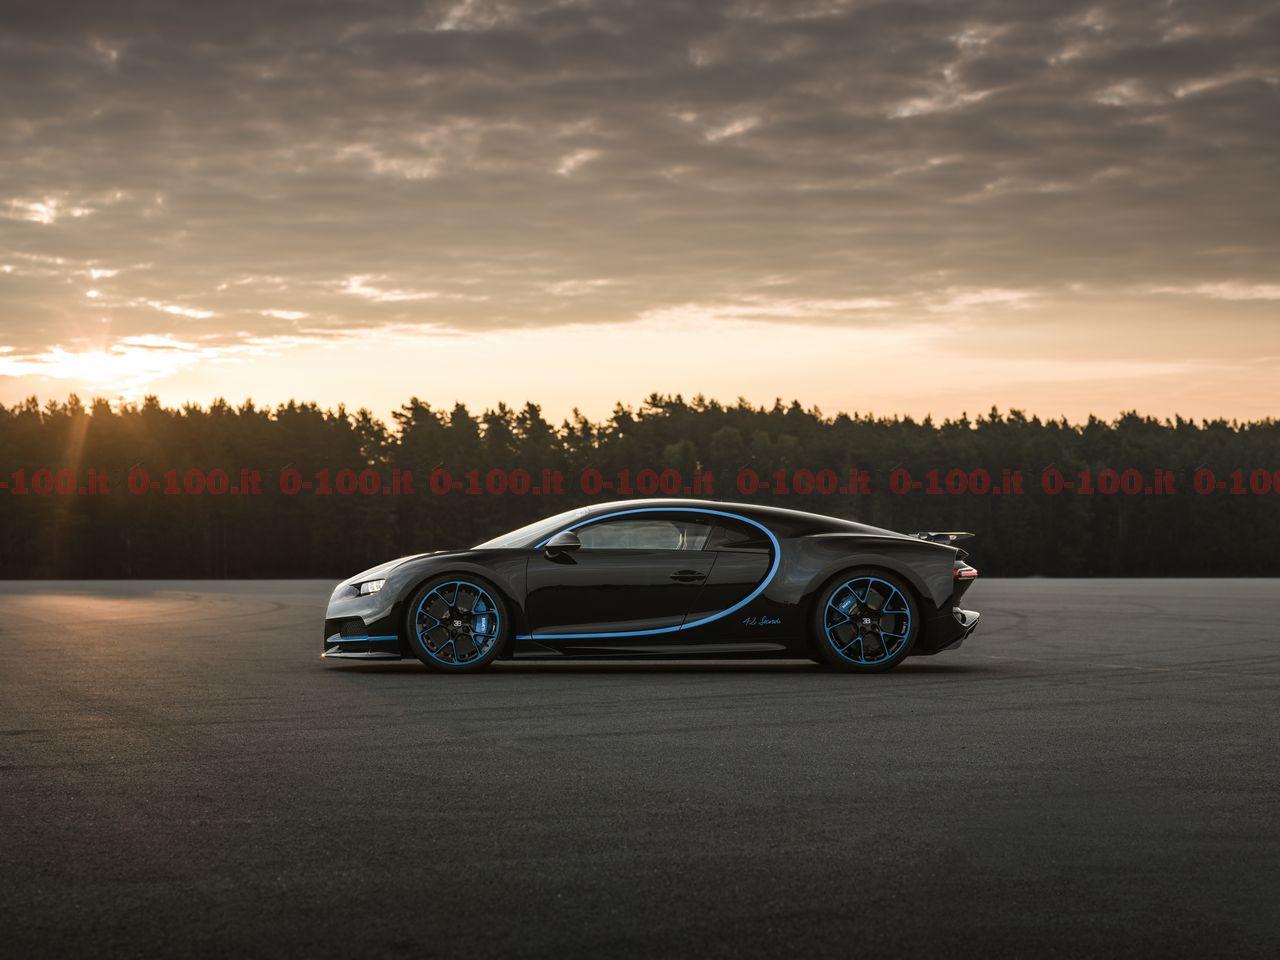 bugatti-chiron-record-0-400-0_0-100_12